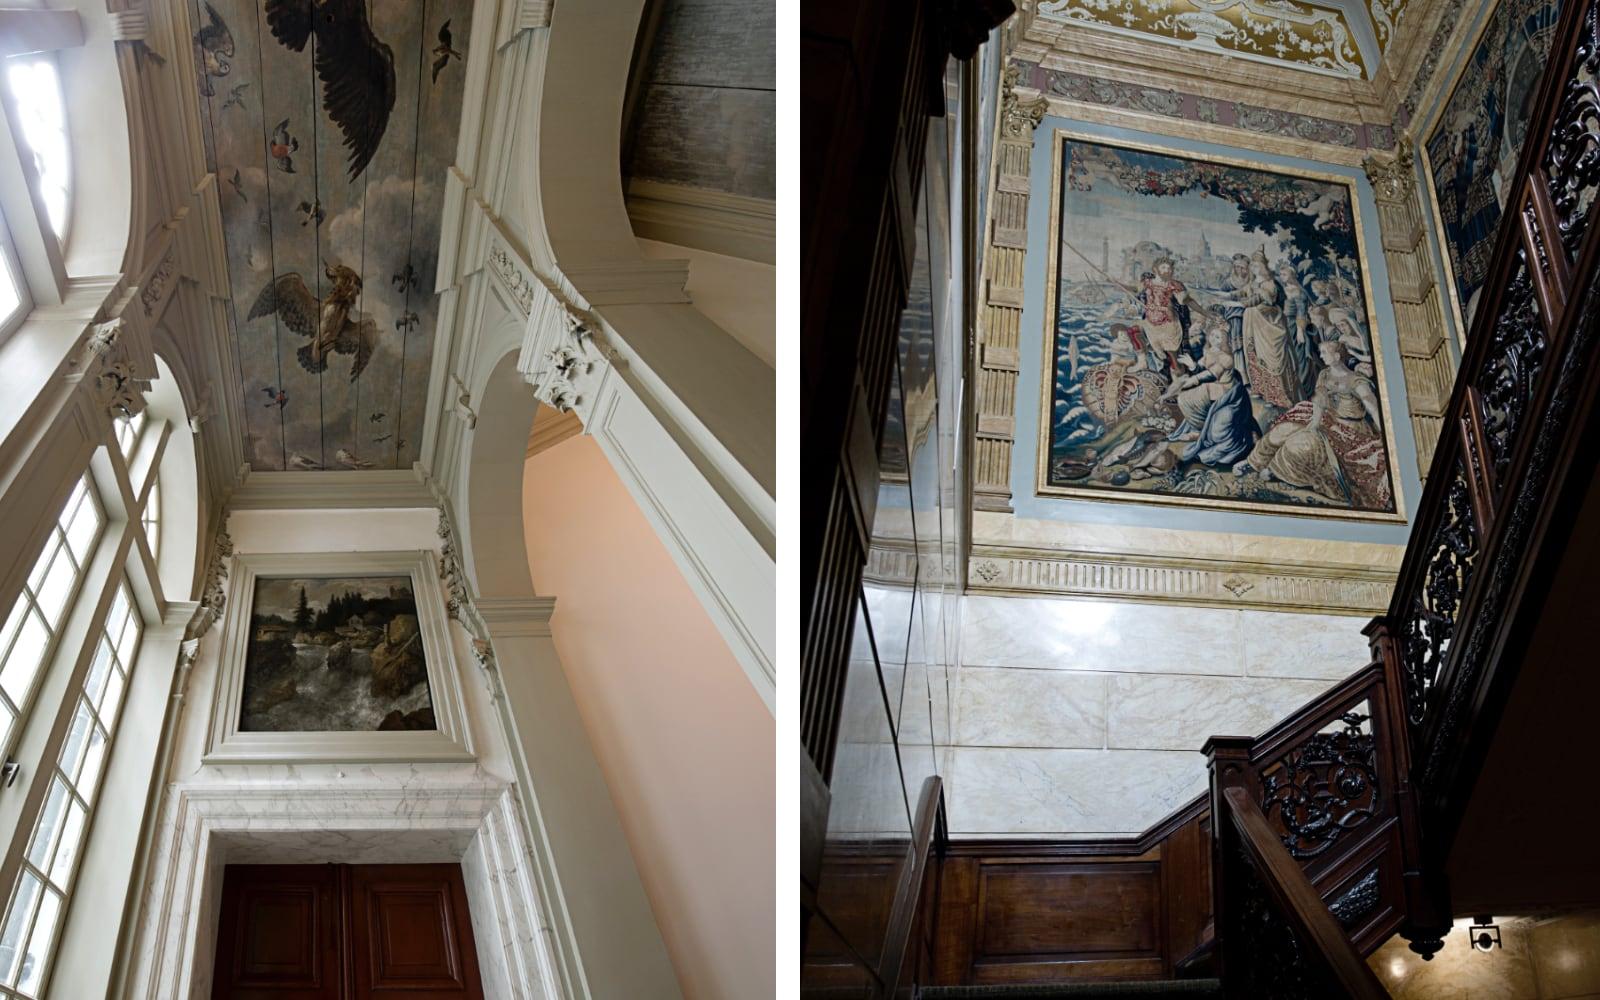 foto: © Arjan Bronkhorst - Grachtenhuizen, interieurs, schilderingen